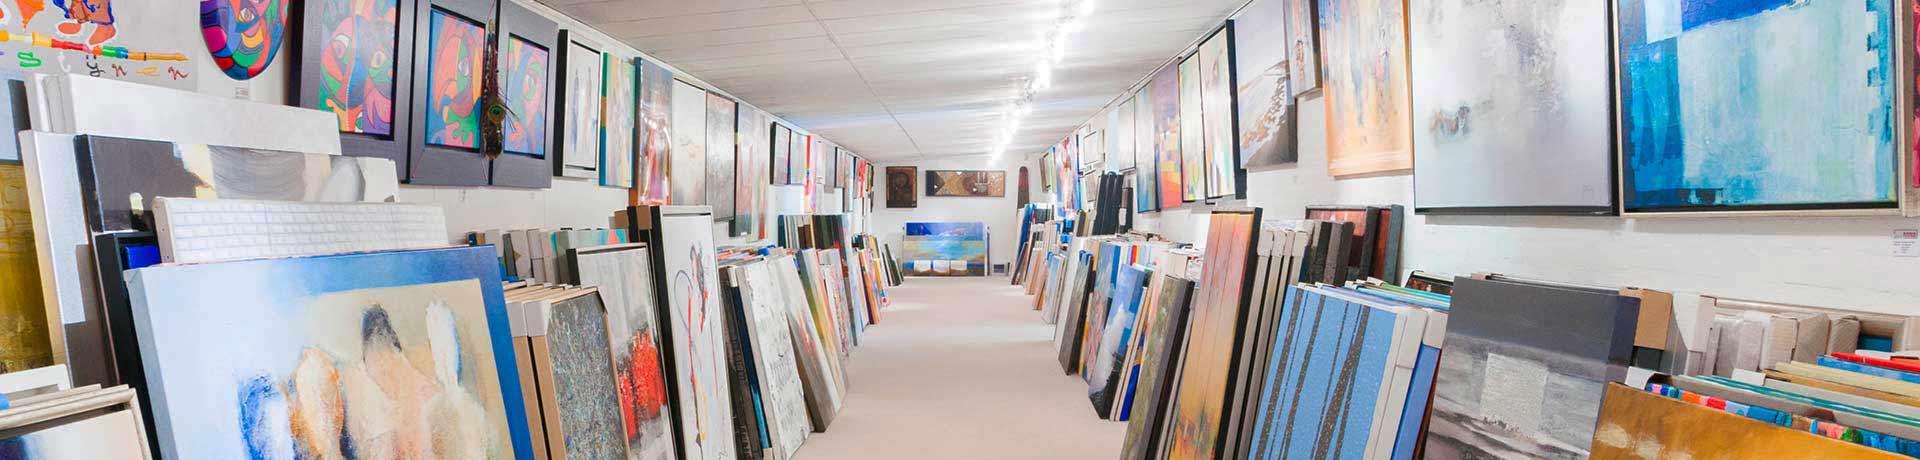 Kunstuitleen Sous-Terre stockruimte